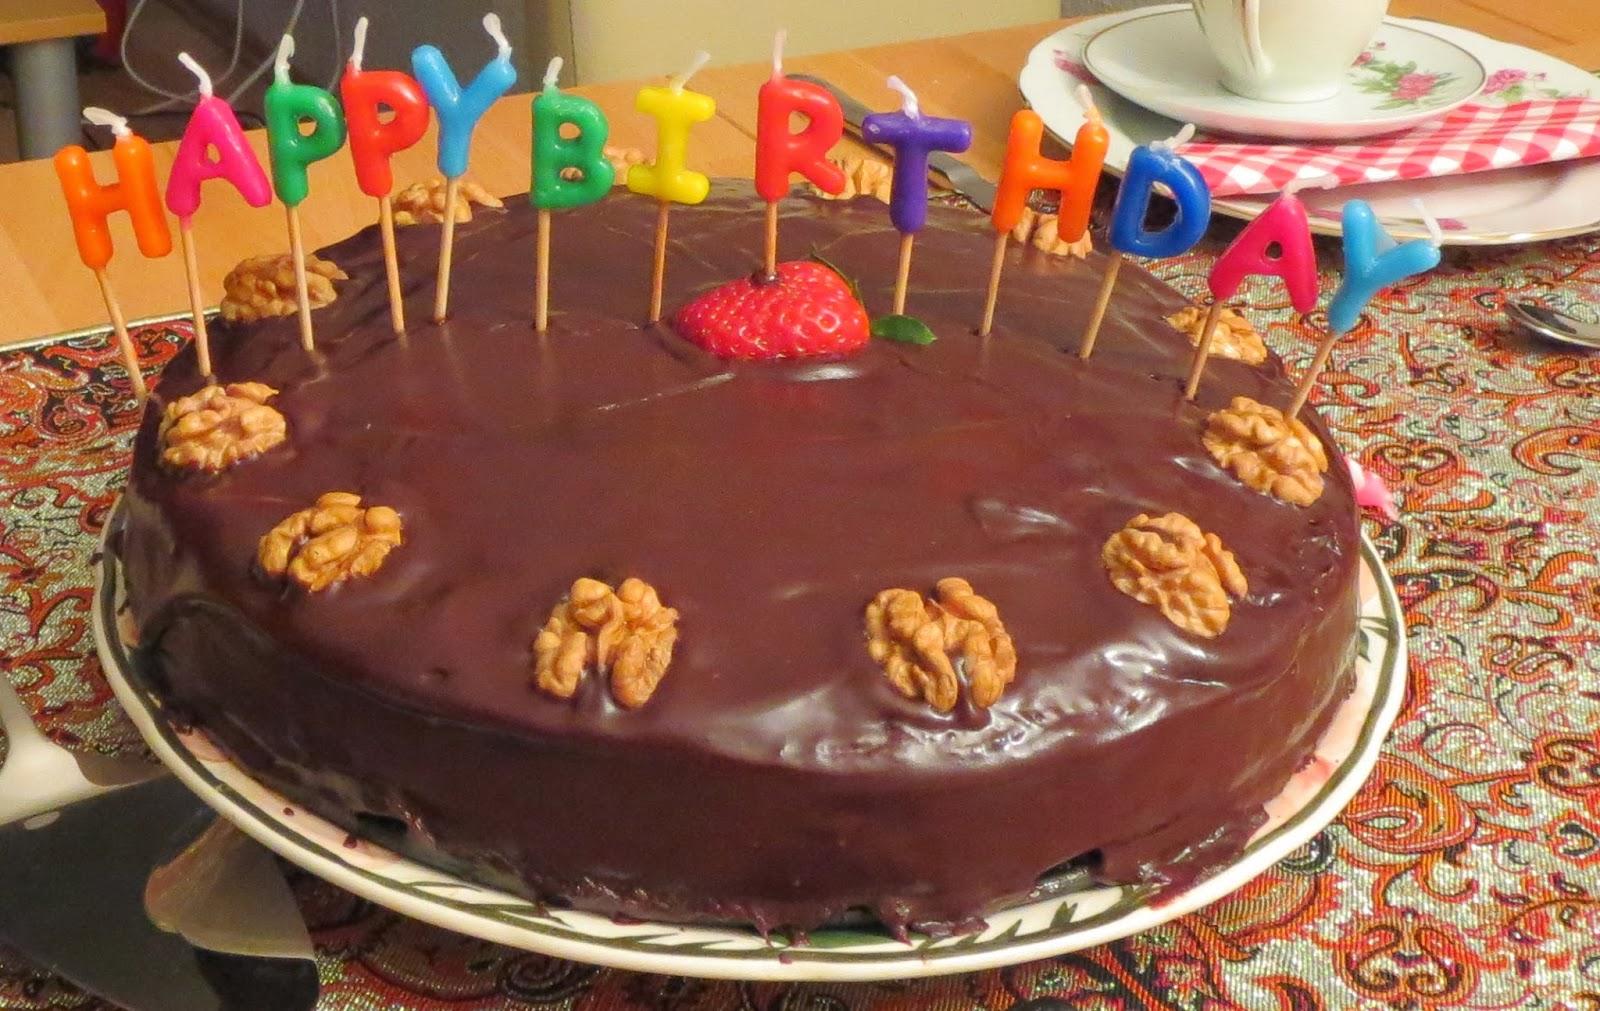 Nusstorte mit Schokoladenüberzug, bunten Geburtstagskerzen und Nuss-Dekoration